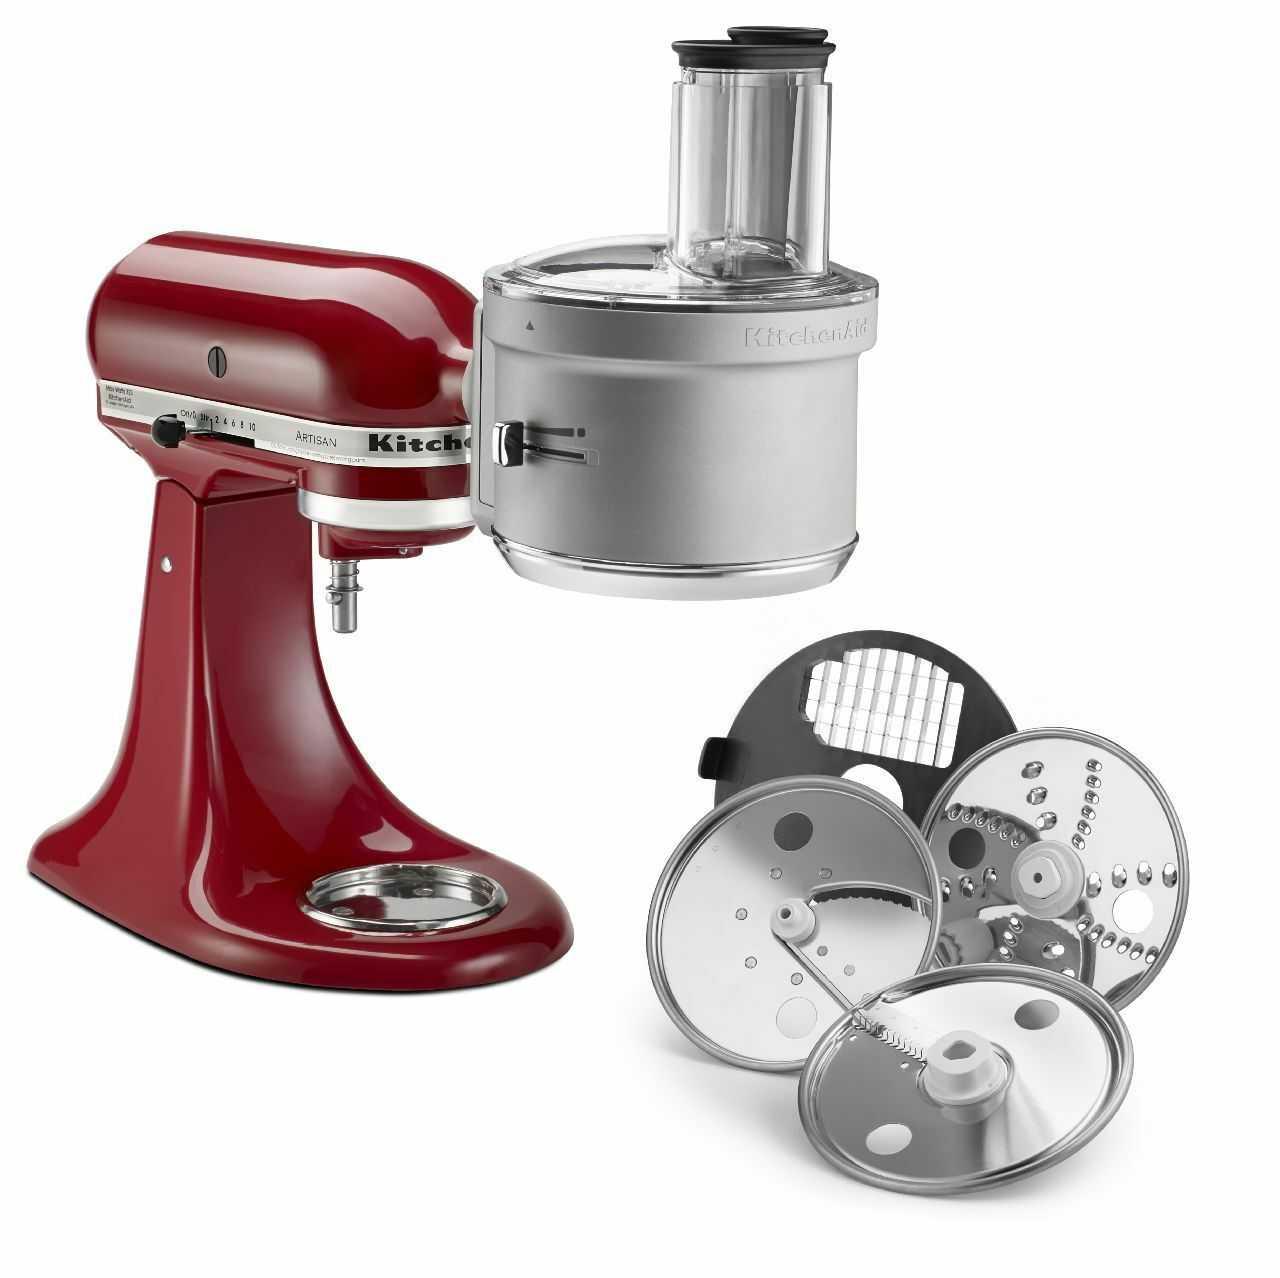 Как выбрать кухонный комбайн 2014, рейтинг лучших кухонных комбайнов 2014-2015 года